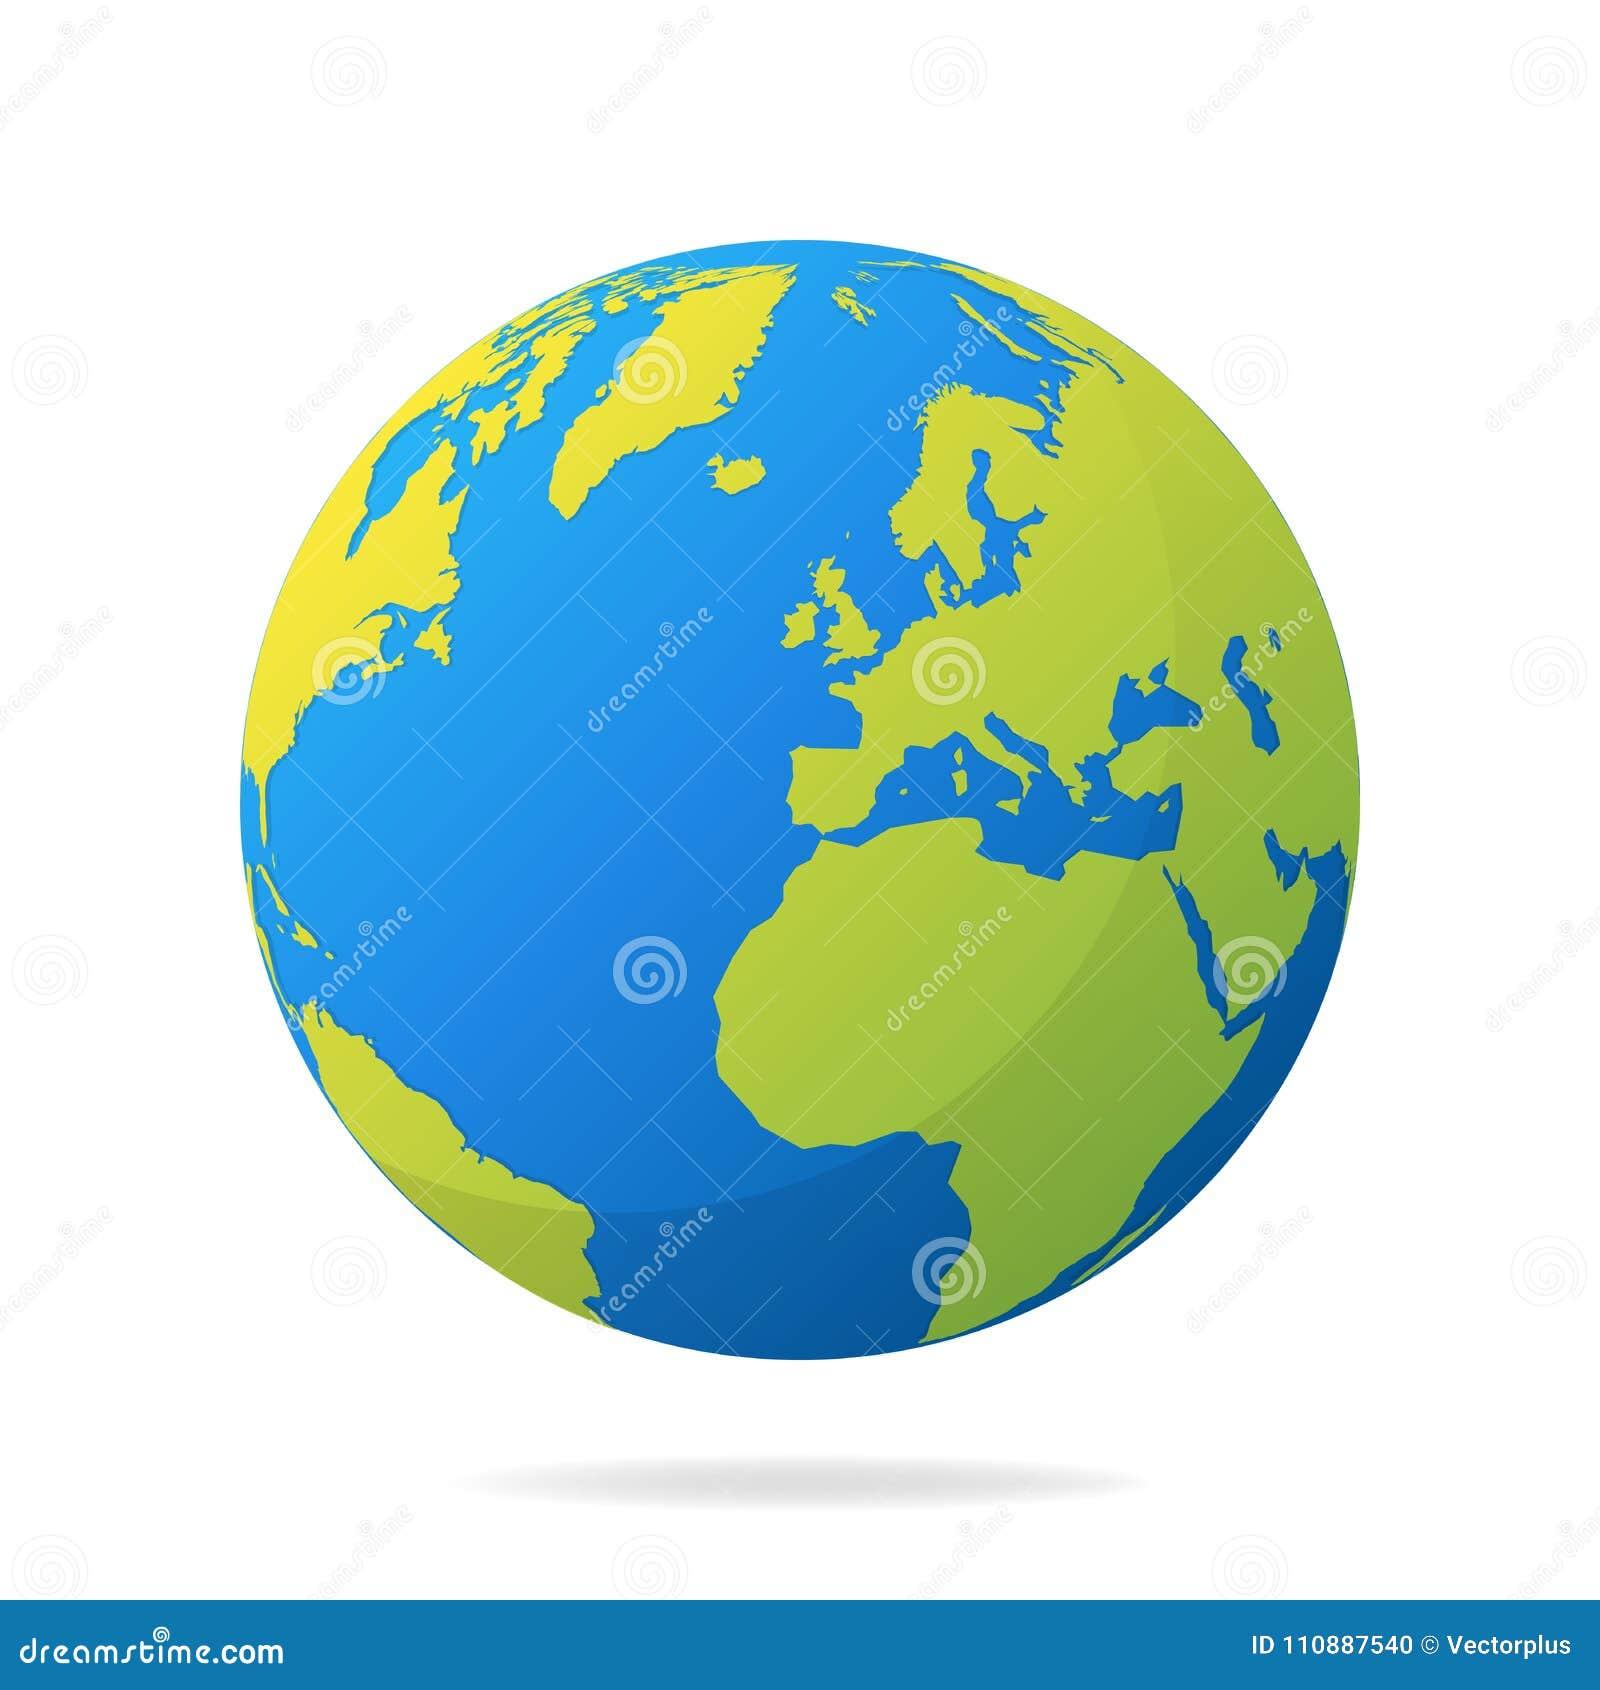 Carte Du Monde Realiste.Globe De La Terre Avec Les Continents Verts Concept Moderne